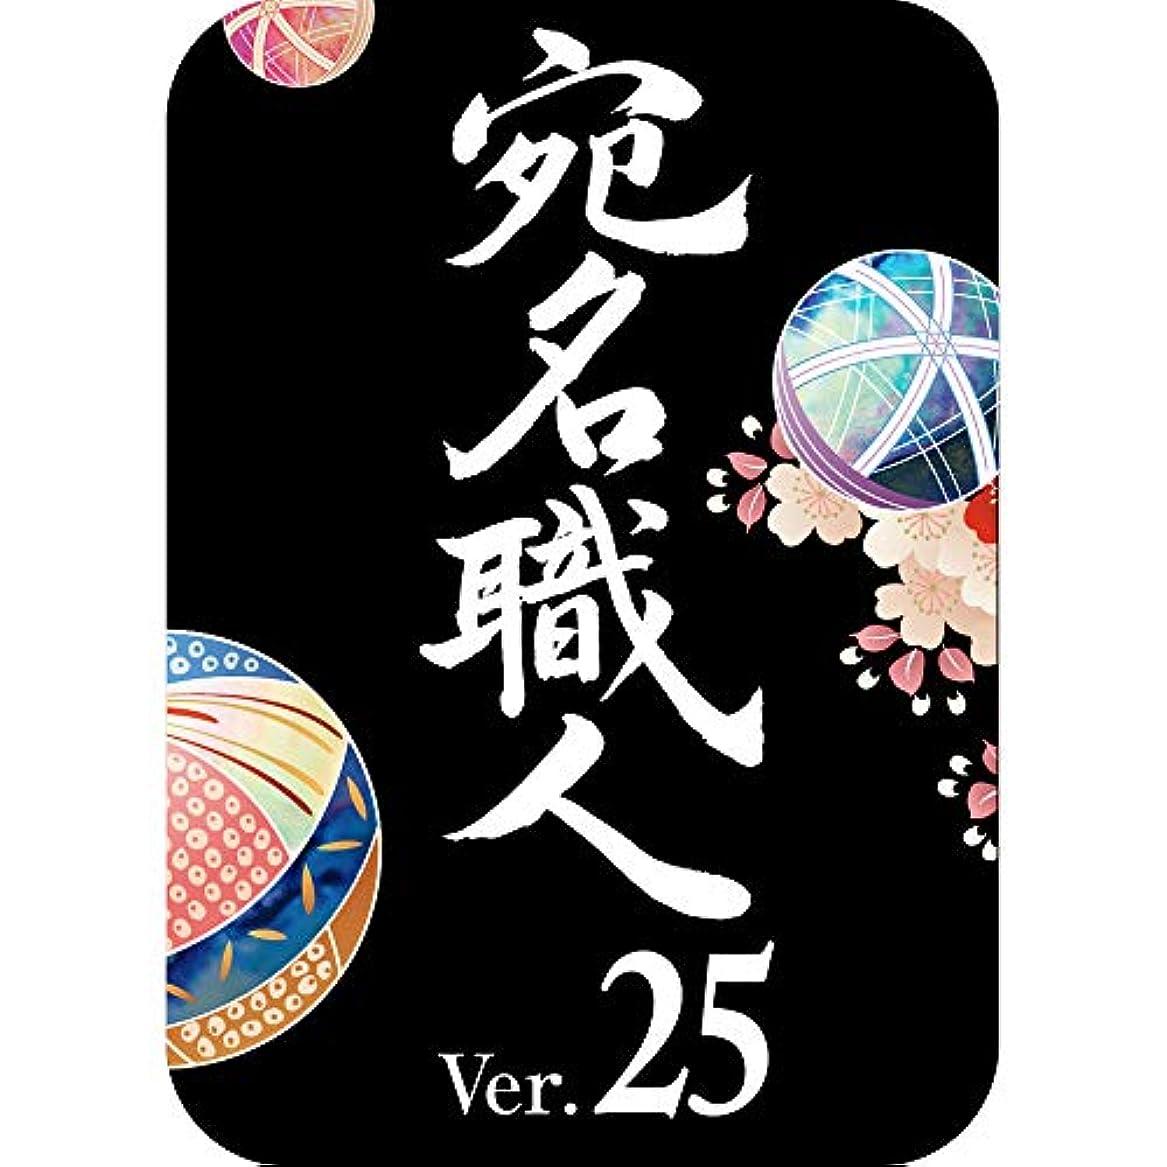 波紋記録見込み宛名職人 Ver.25  (最新)|mac対応|ダウンロード版